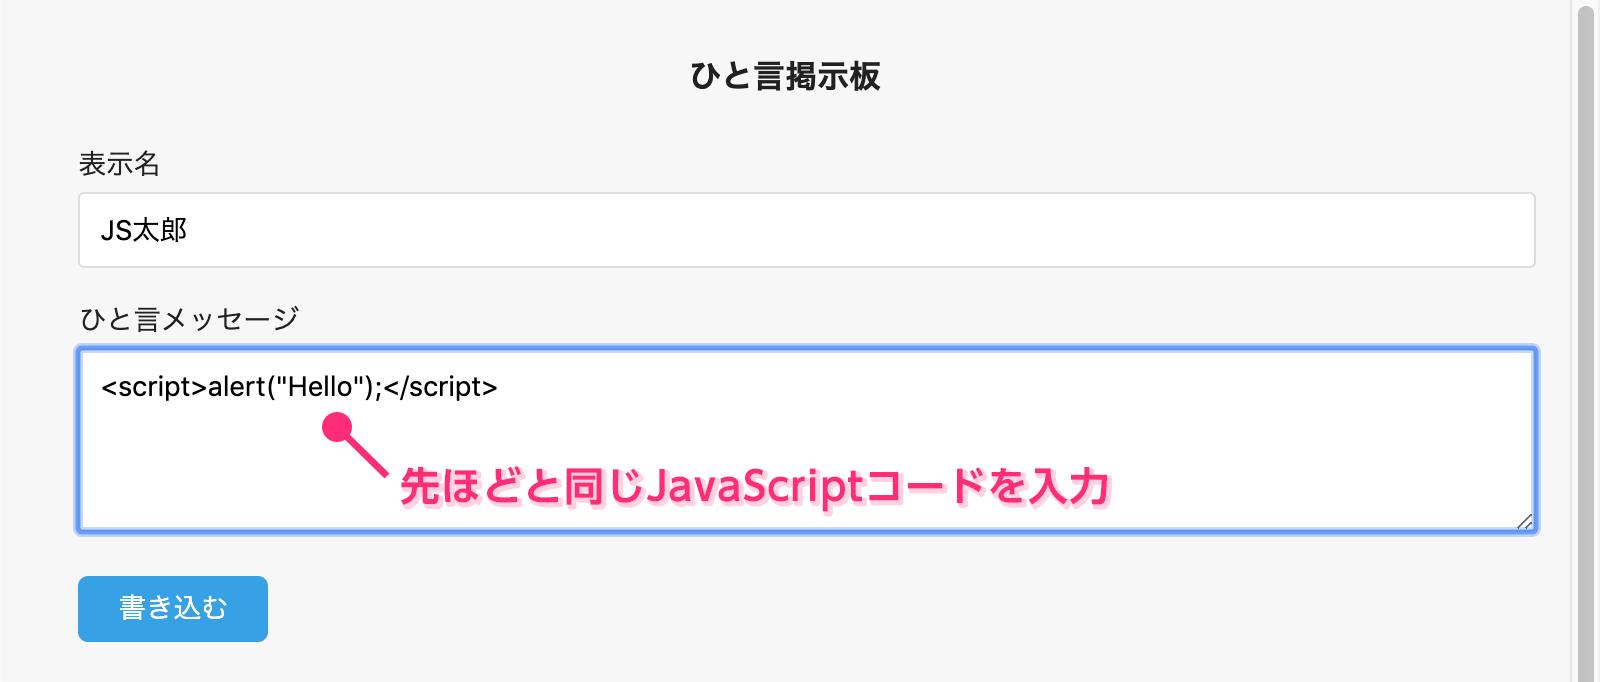 もう一度同じJavaScriptコードを入力してみる